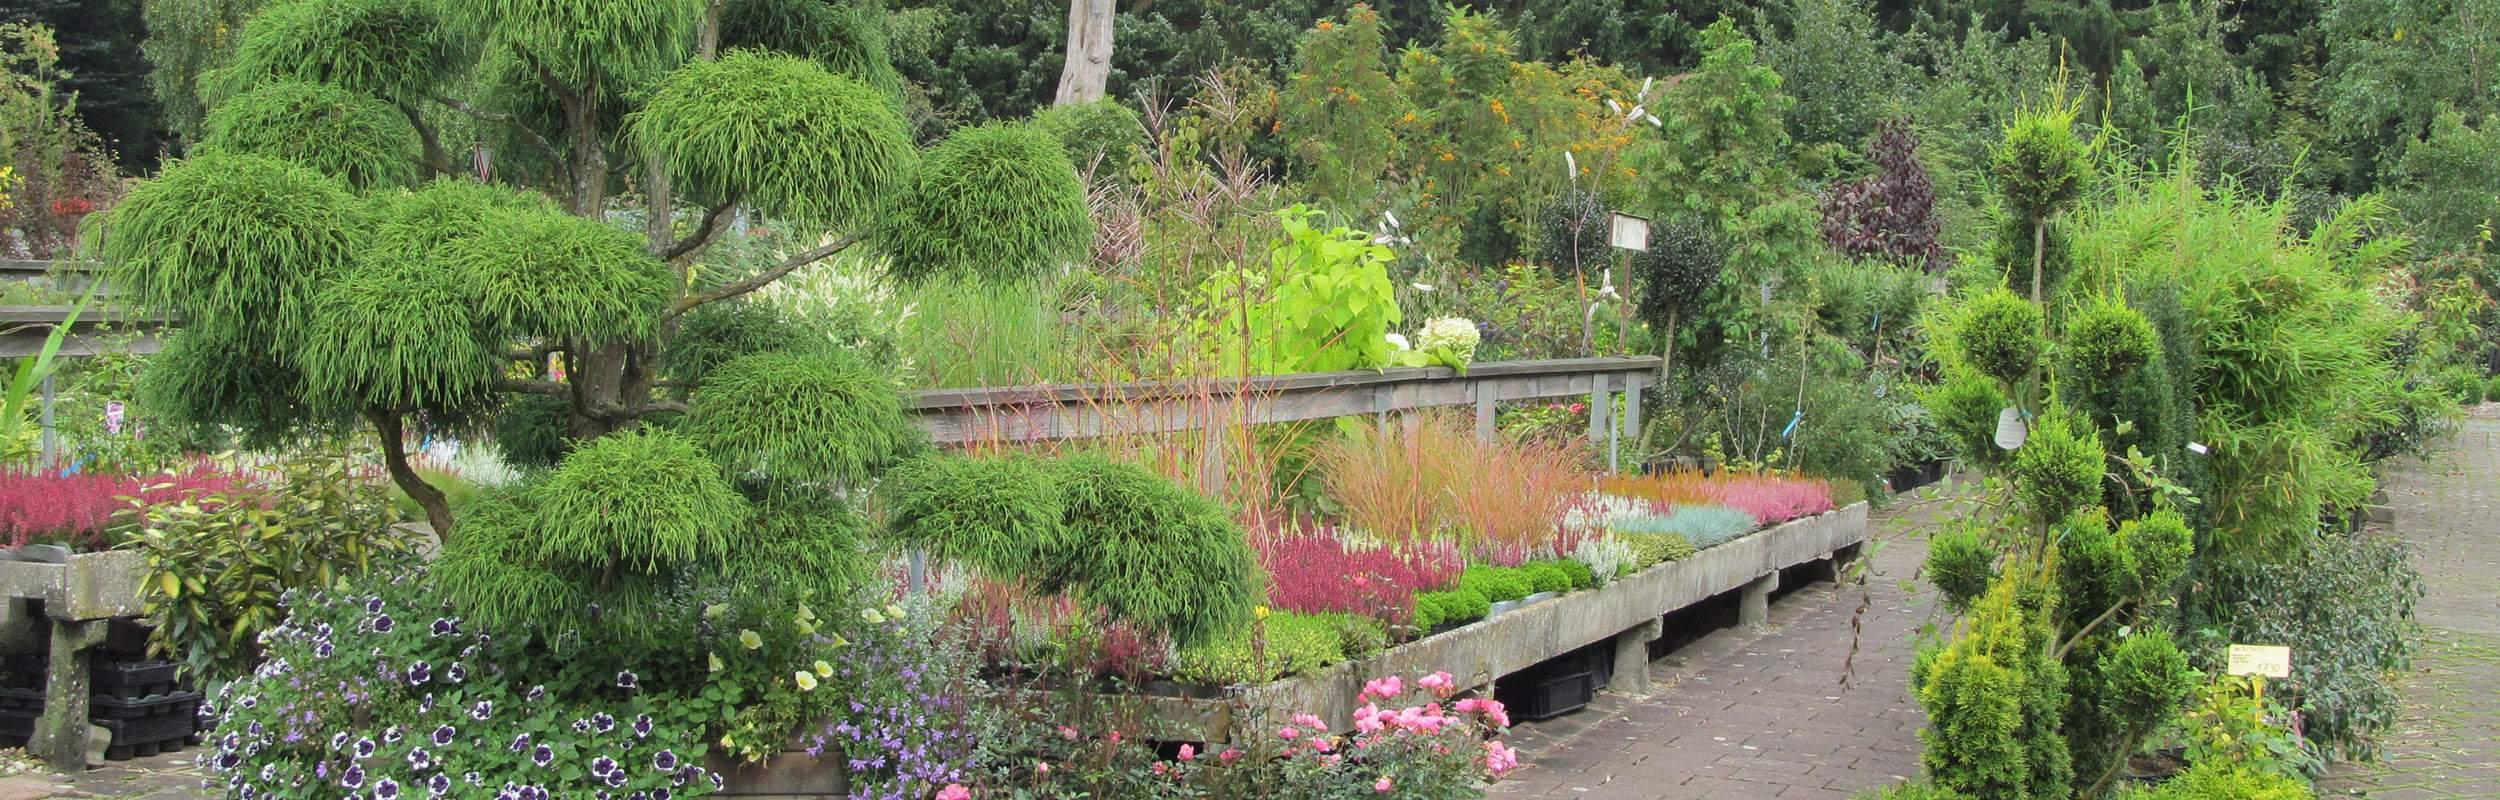 Schöne Gärten Neu Garten Landschaft Baumschule Meschede